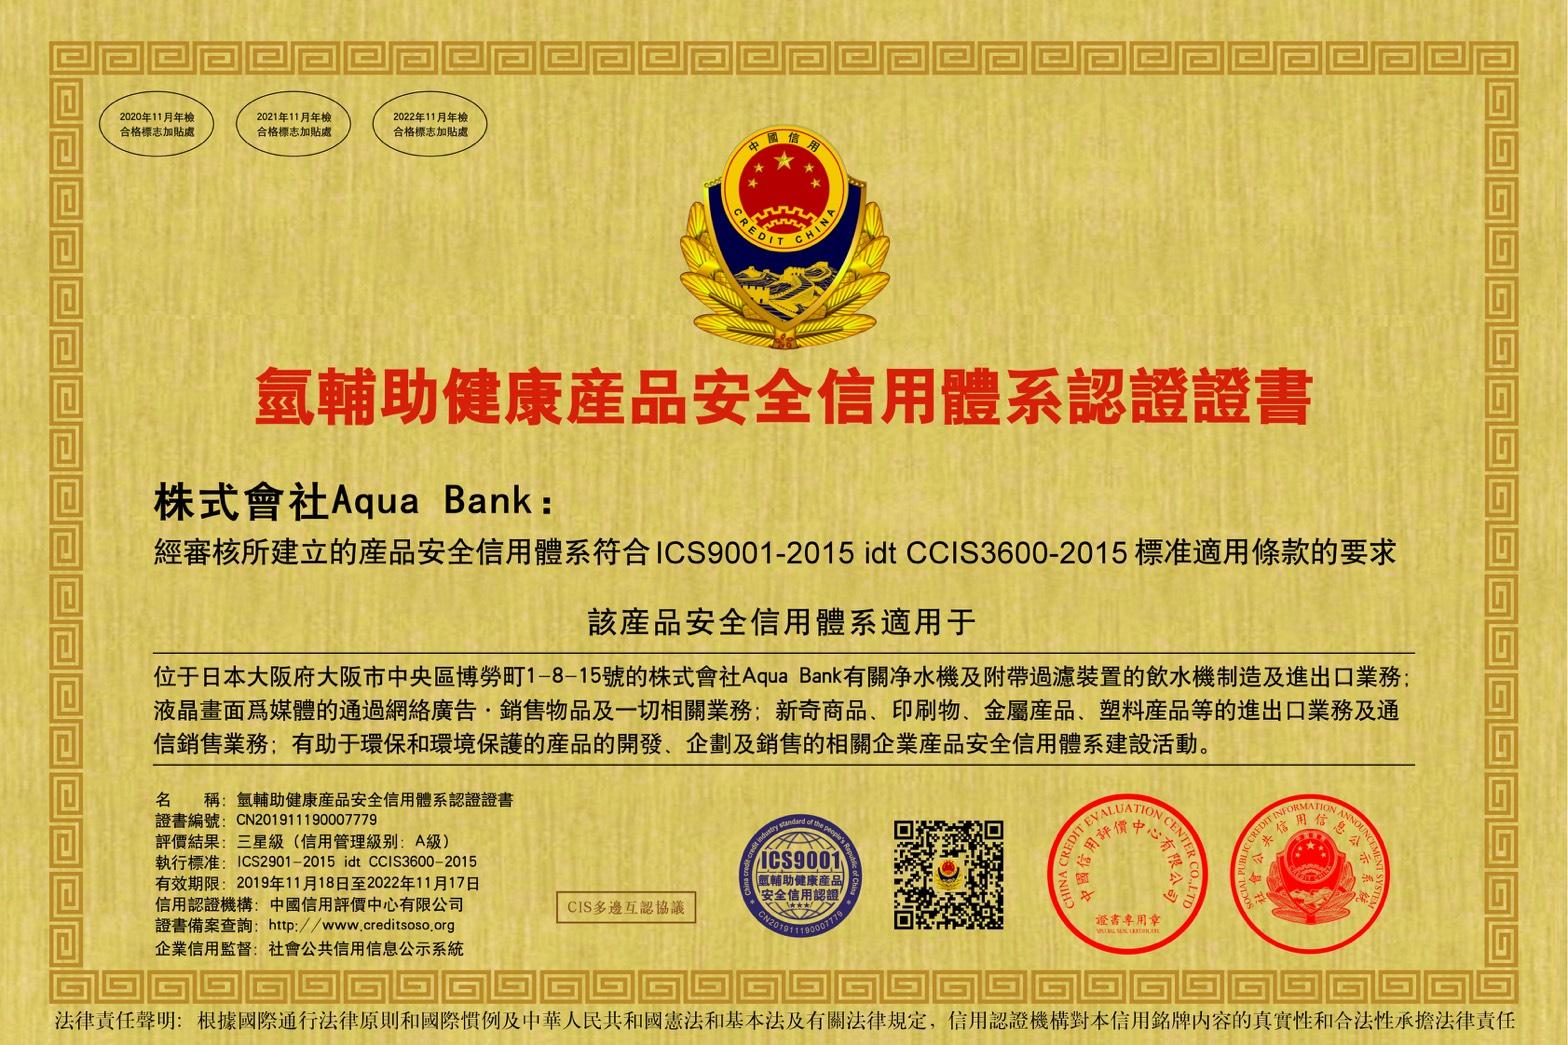 中国信用評価センター安全認証「AAA」認定書